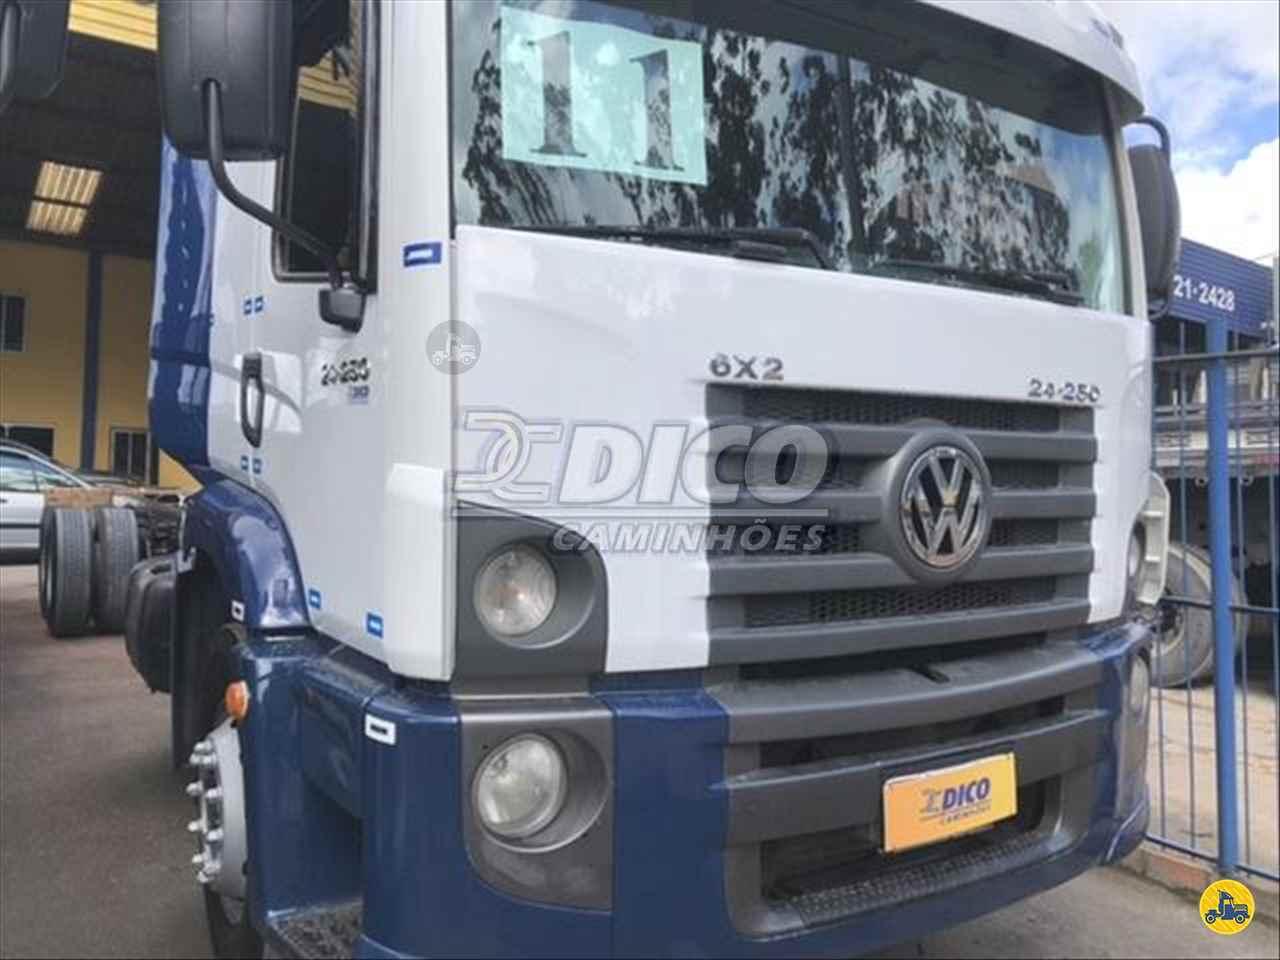 CAMINHAO VOLKSWAGEN VW 24250 Chassis Truck 6x2 Dico Caminhões RIO DO SUL SANTA CATARINA SC